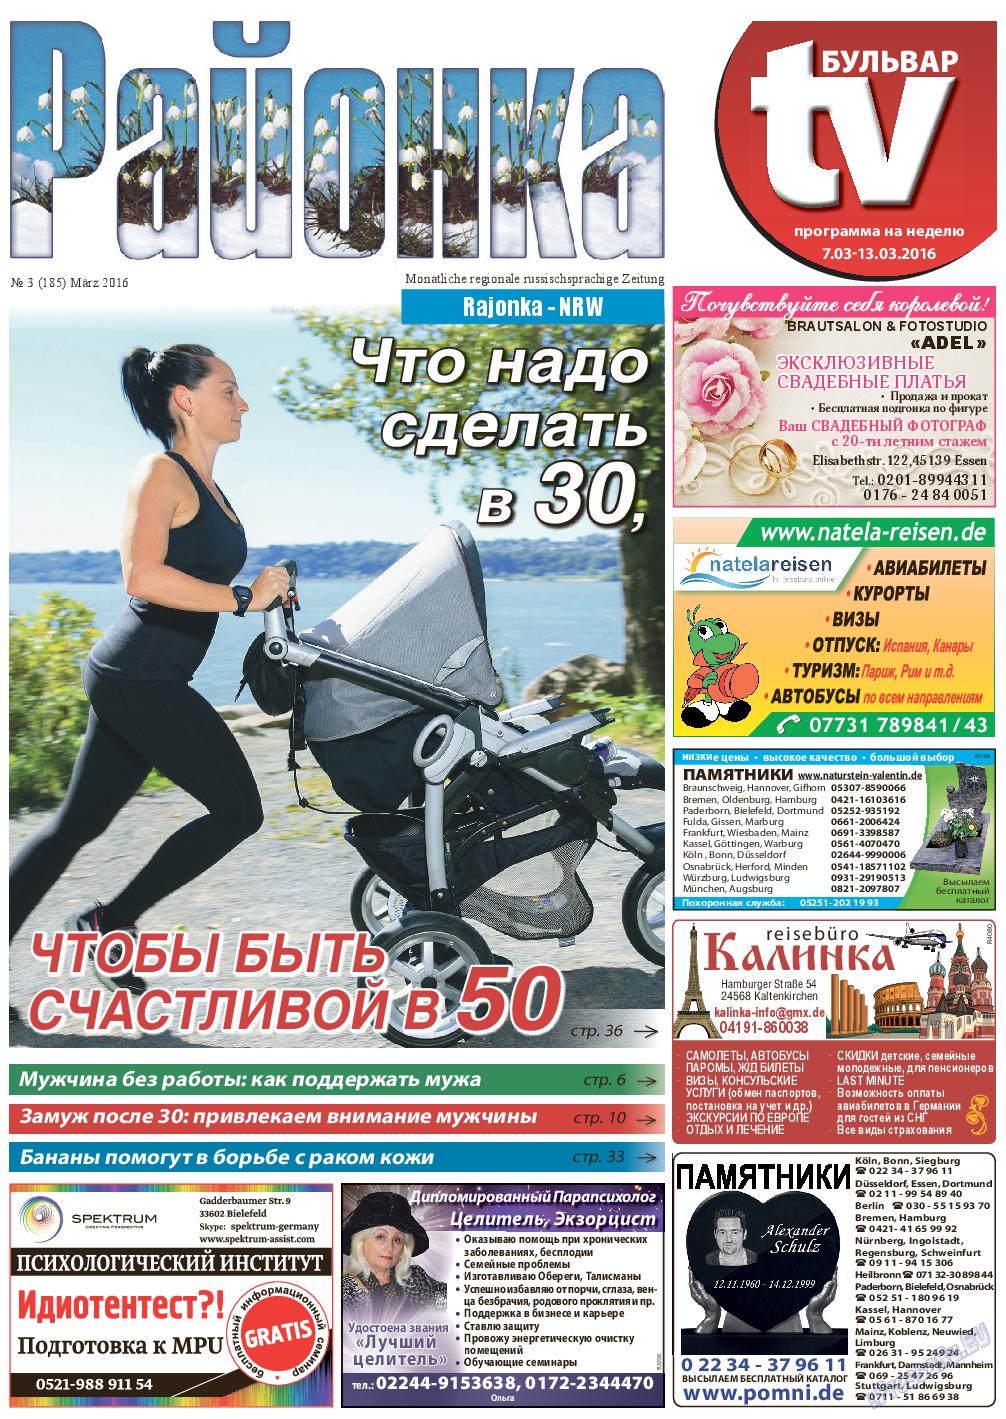 Районка-Nord-Ost-Bremen-NRW (газета). 2016 год, номер 3, стр. 1